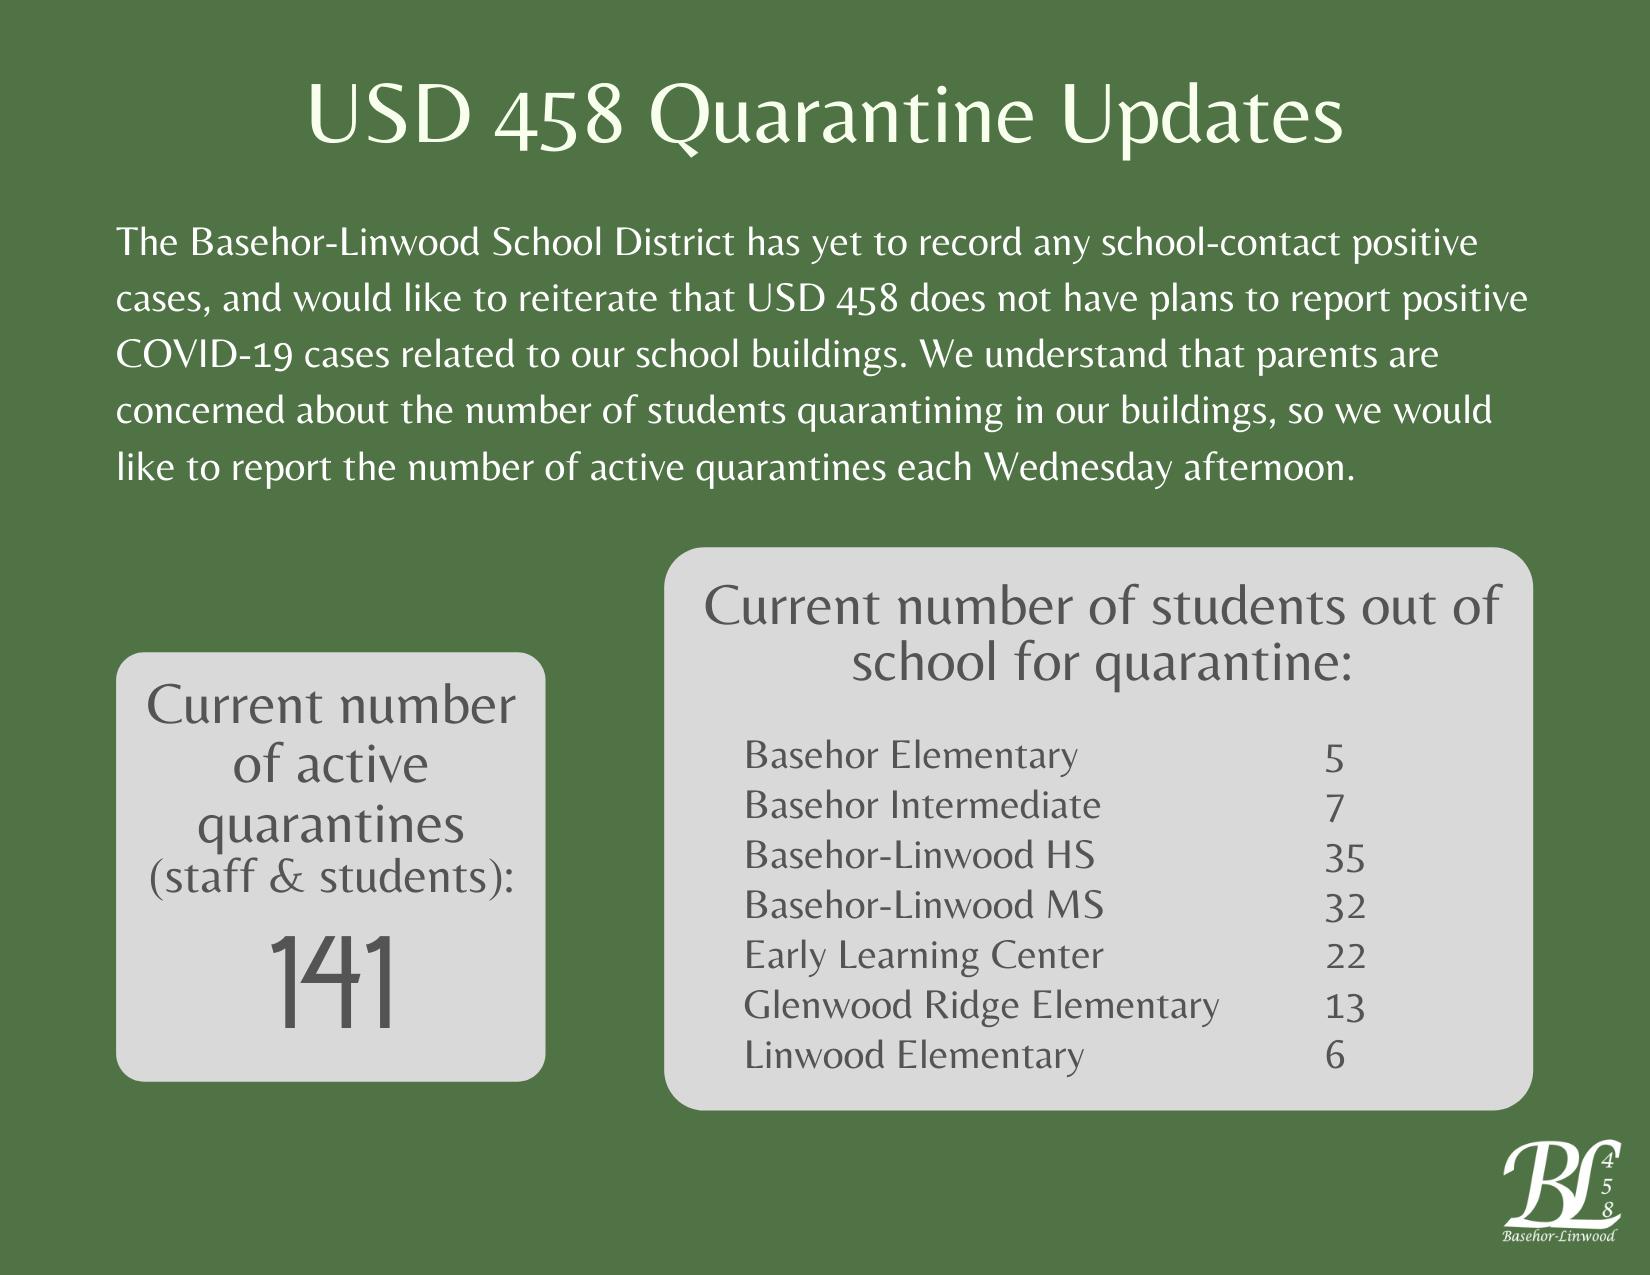 141 quarantines